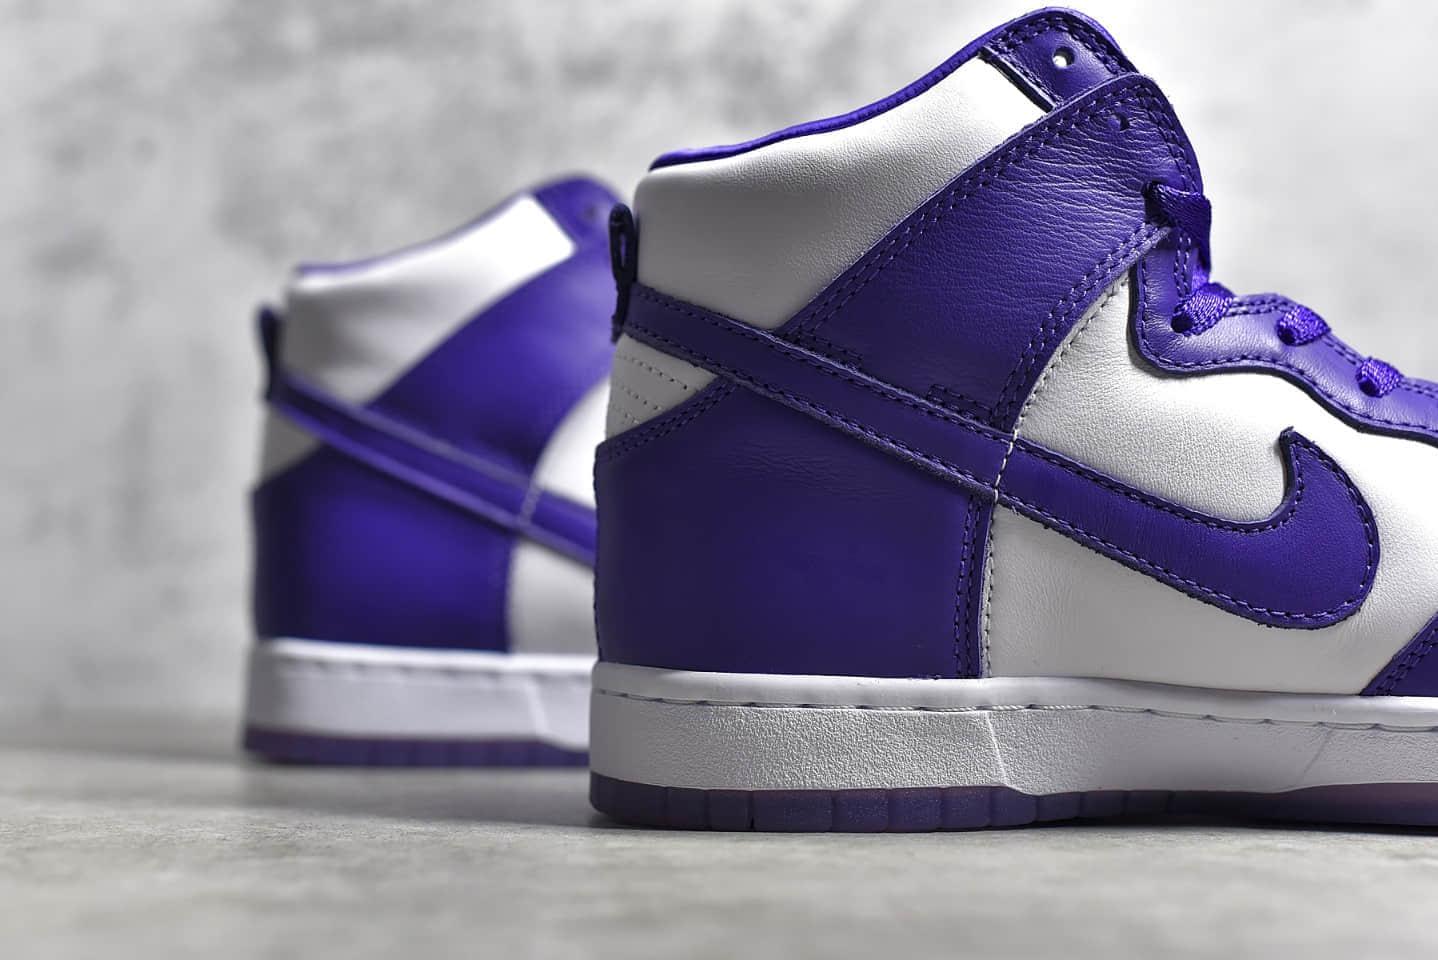 耐克Dunk SB白紫高帮 NIKE Dunk SB High Pro QB 耐克扣篮系列高帮经典百搭板鞋 货号:DC5382-100-潮流者之家